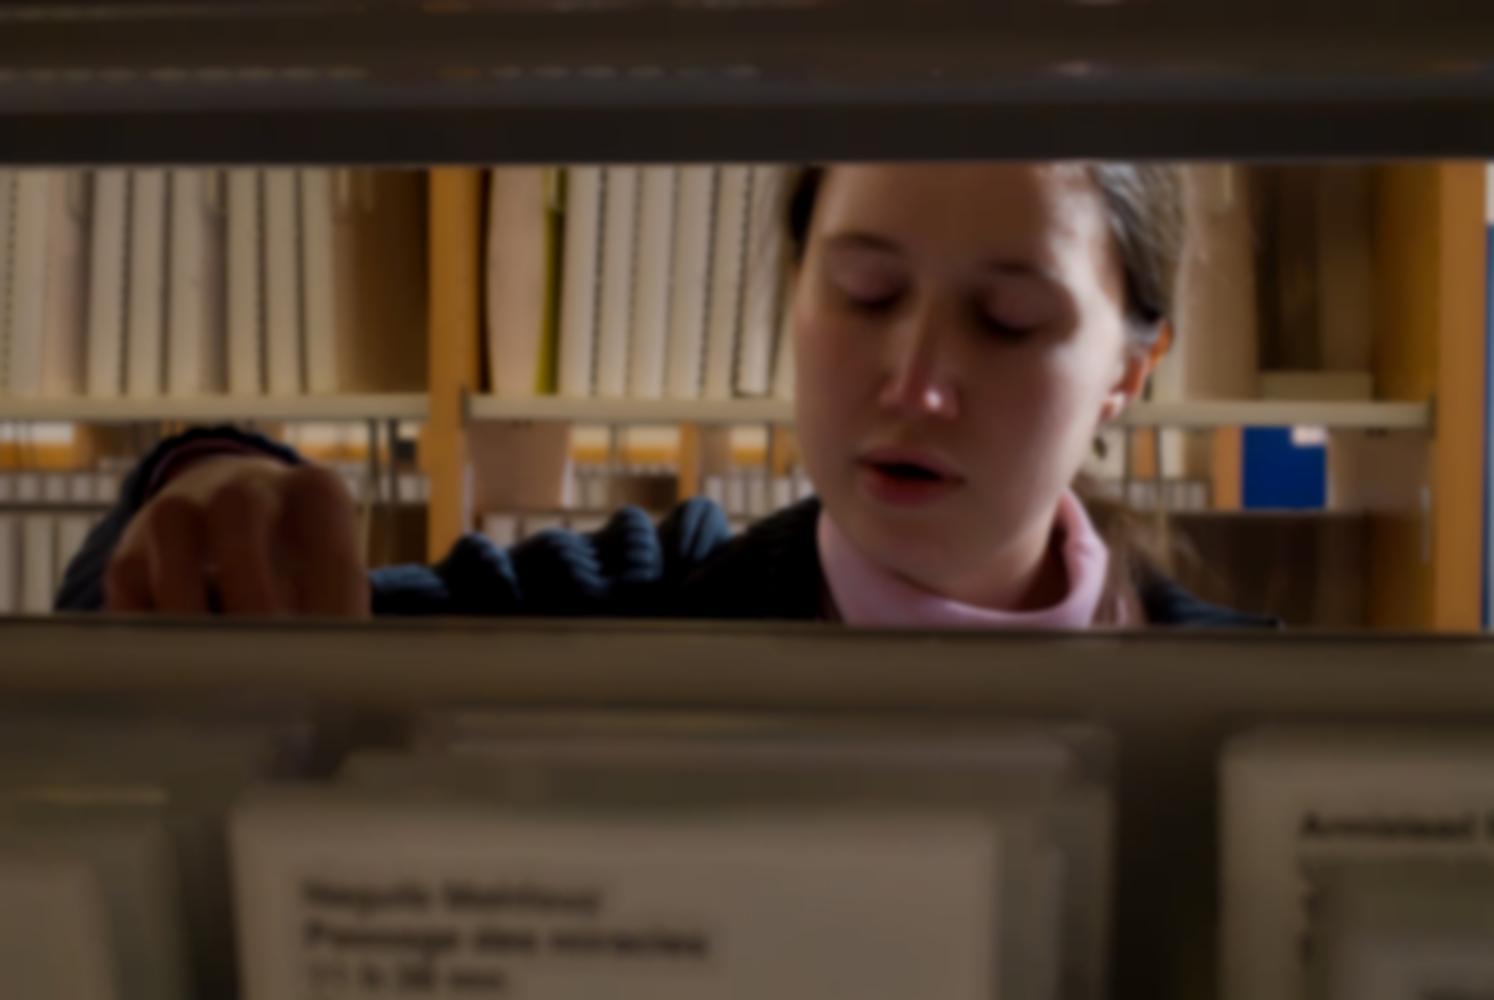 La nouvelle mediathèque de l'Association Valentin Haüy (AVH) : Céline range des livres parlés qui ont été rendus en lisant leurs étiquettes en braille. Paris, mars 2009.